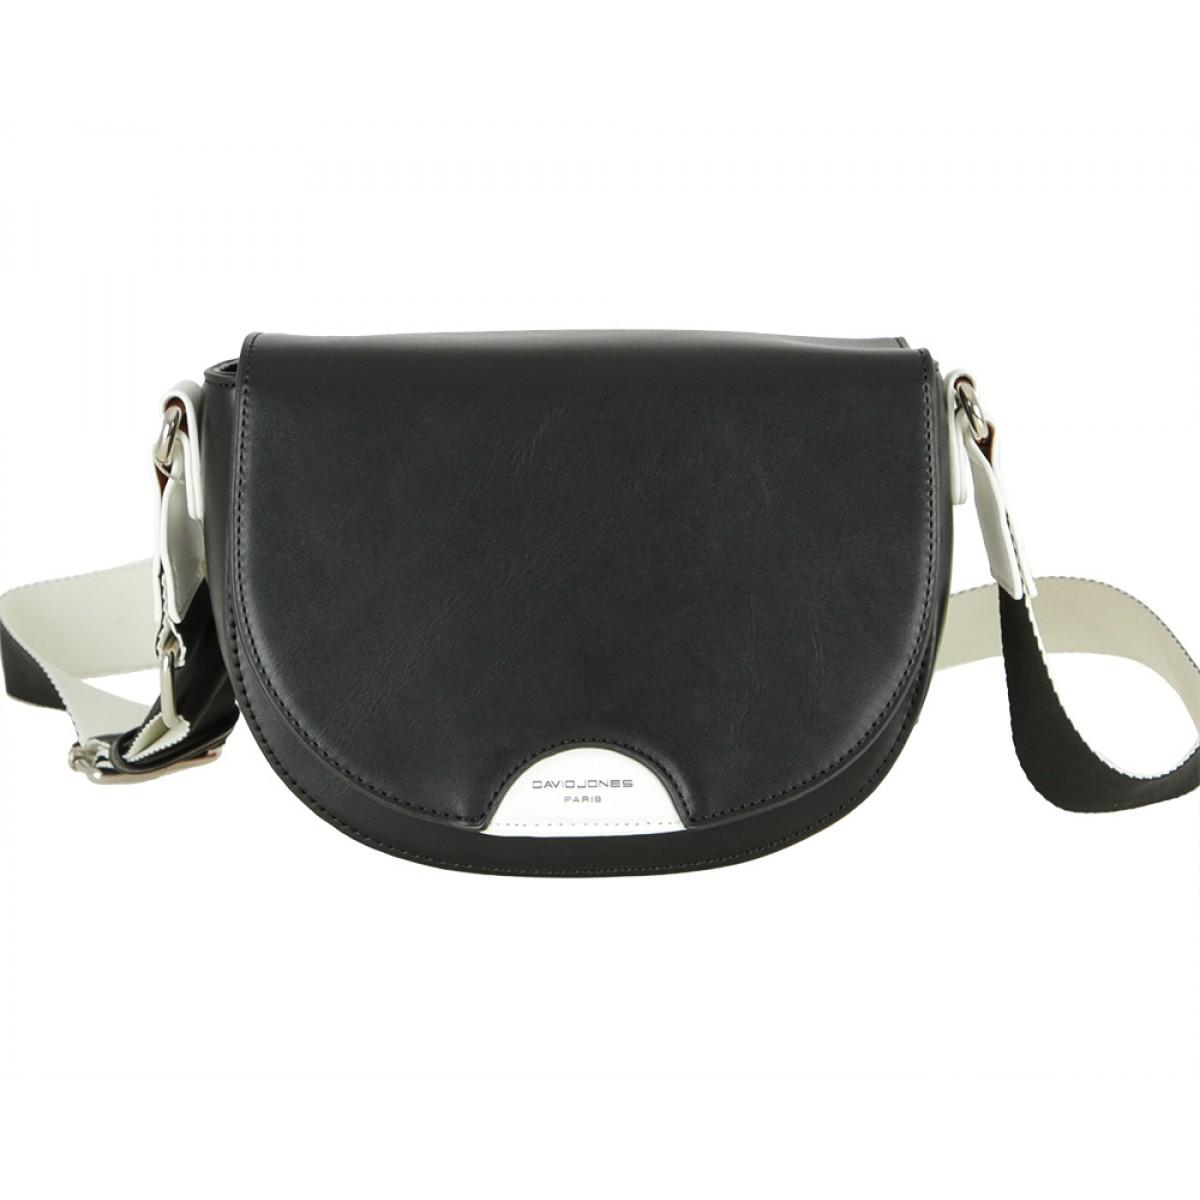 Жіноча сумка David Jones 6251-1 BLACK